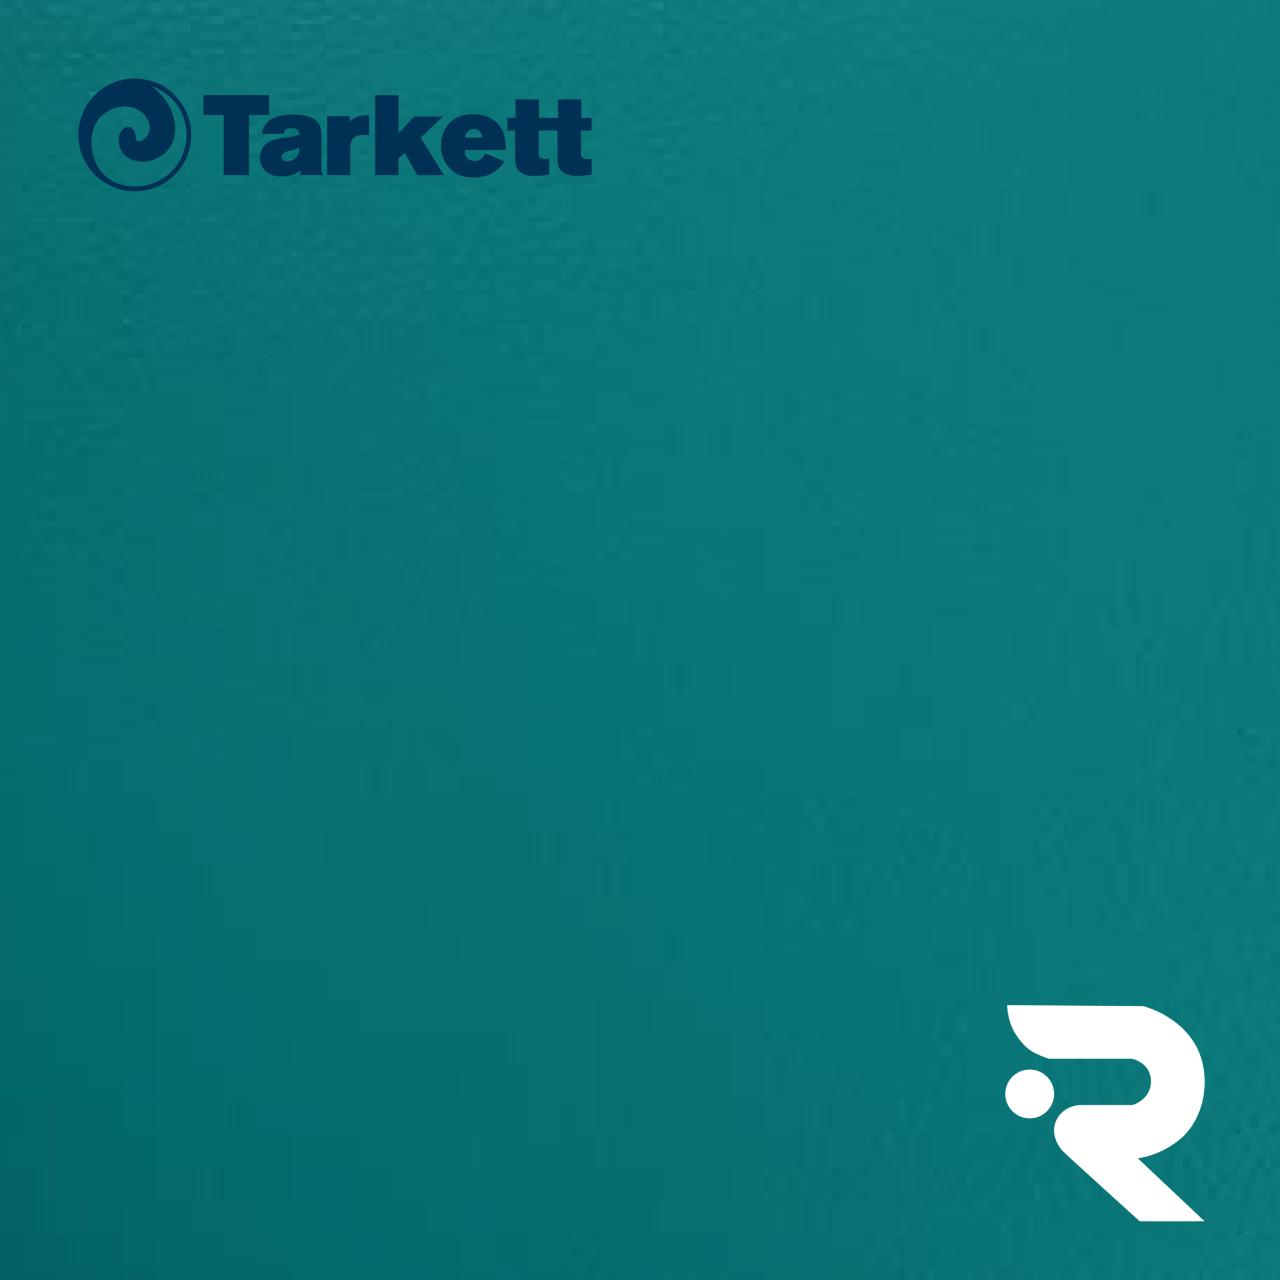 🏐 Спортивне покриття Tarkett | TEAL | OMNISPORTS V35 | 2 х 20.5 м